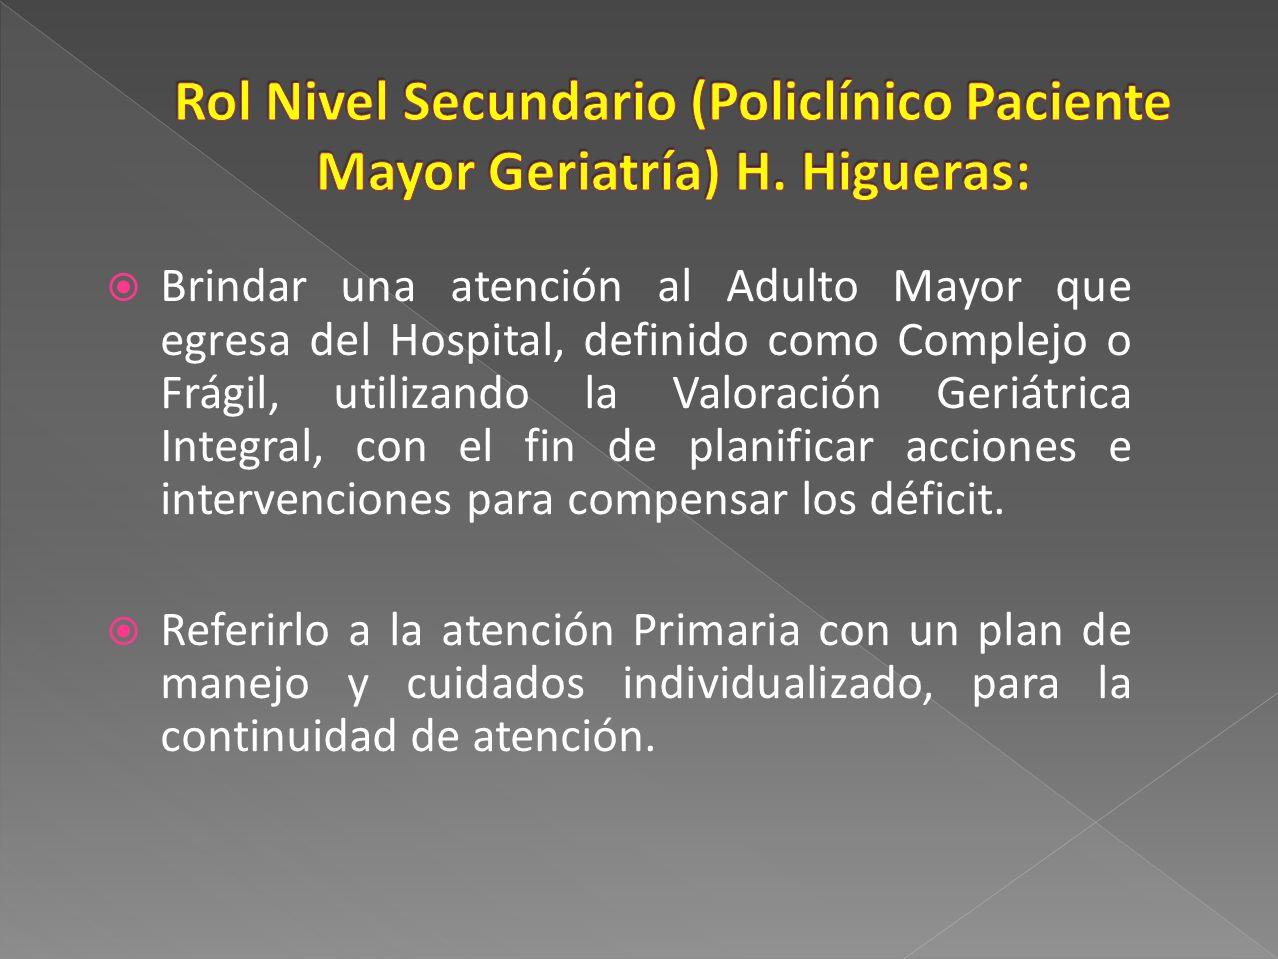 Rol Nivel Secundario (Policlínico Paciente Mayor Geriatría) H